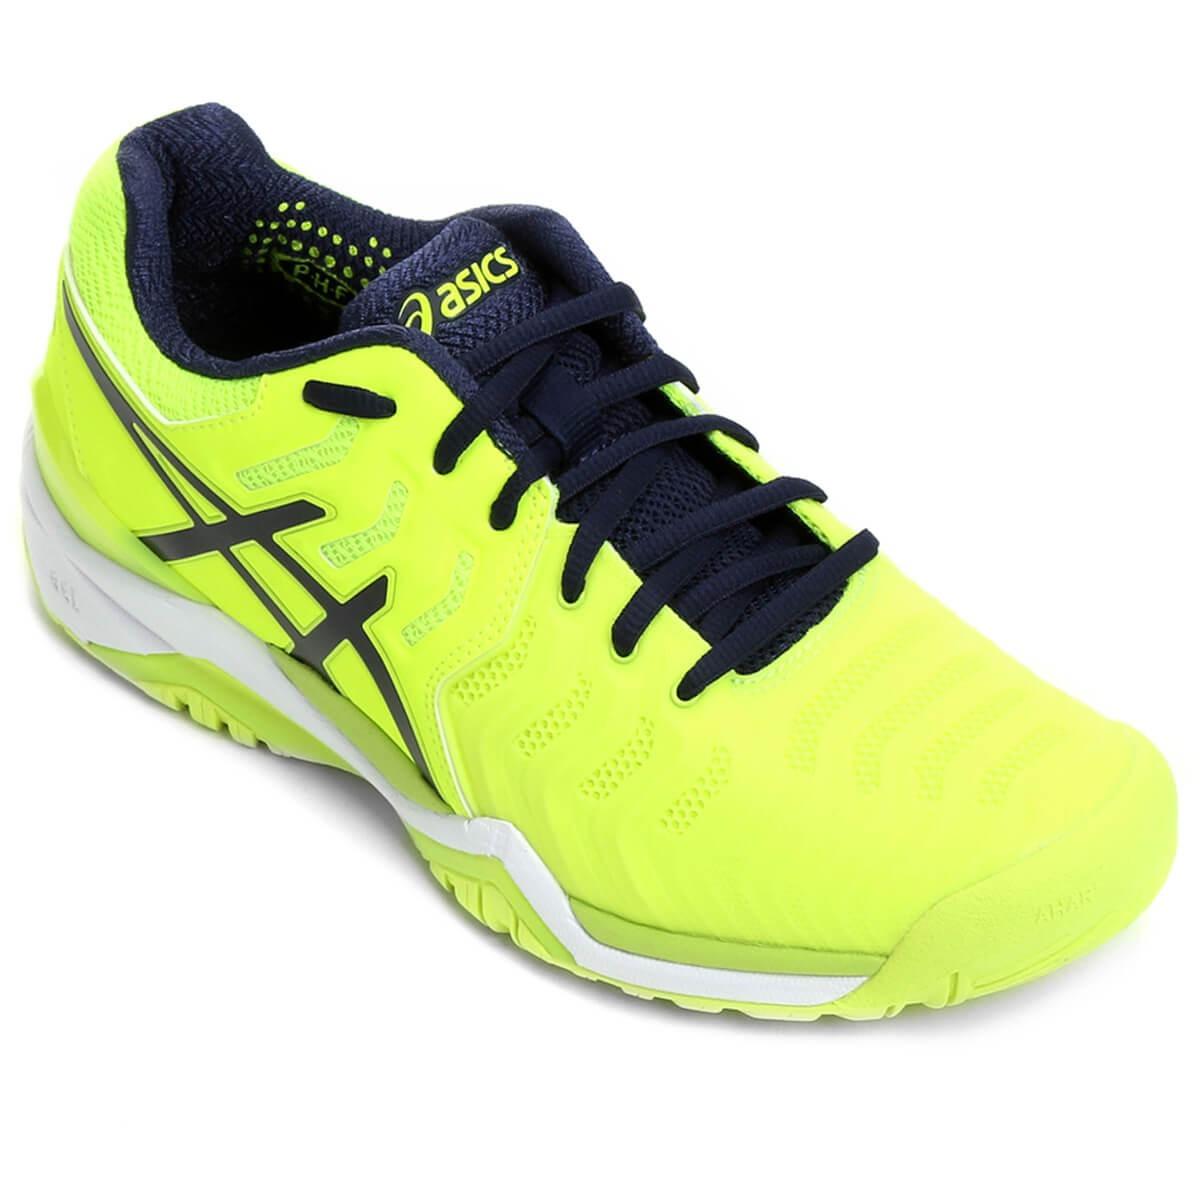 441a3c0c7 Tênis Asics Gel Resolution 7 Verde Limão E Marinho New - R$ 499,90 em  Mercado Livre